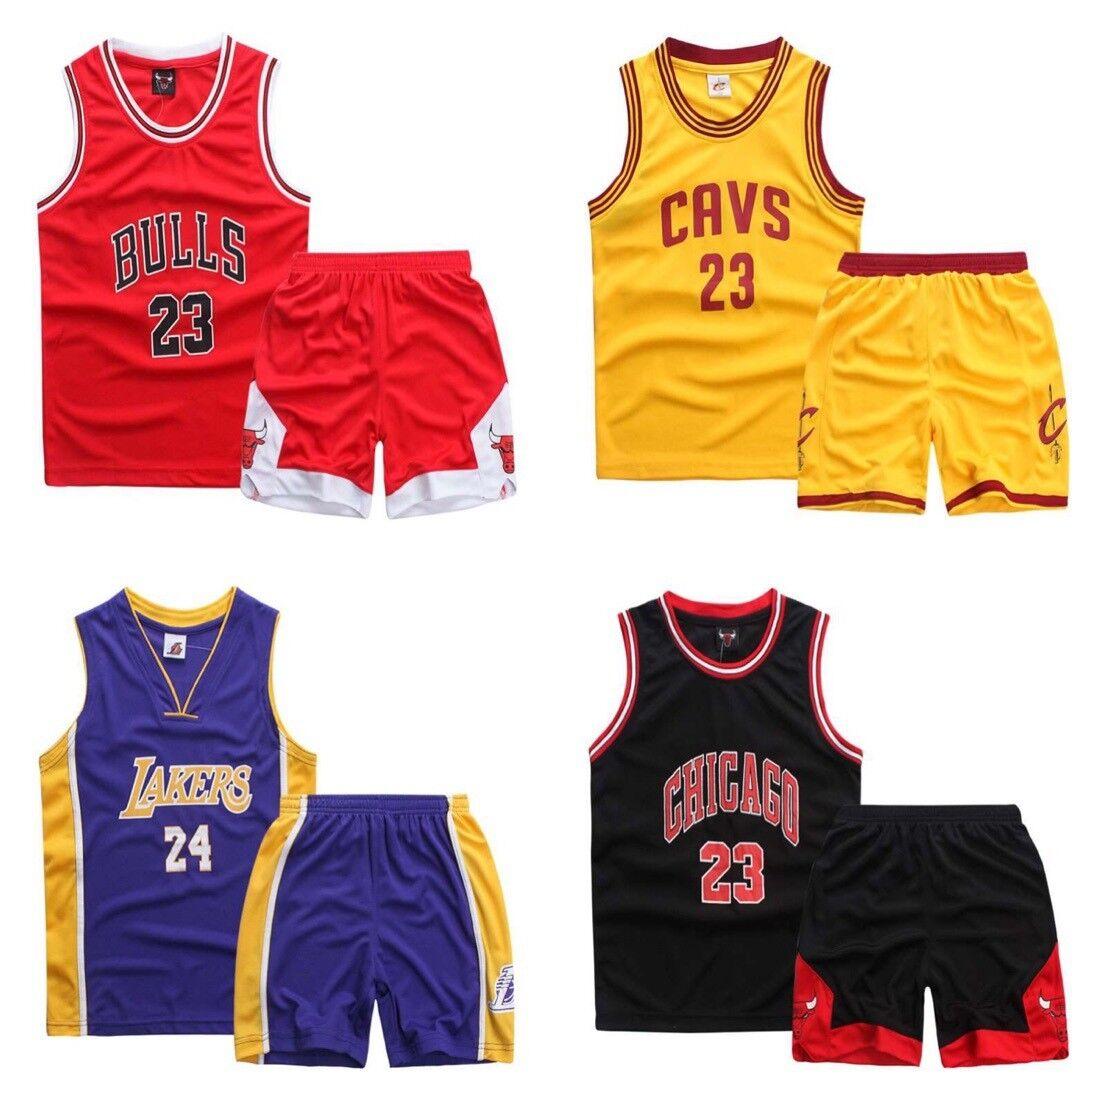 Jugend Kinder Jungen # 23 Bulls Basketball Trikots trikotsatz Shorts Sport Anzug